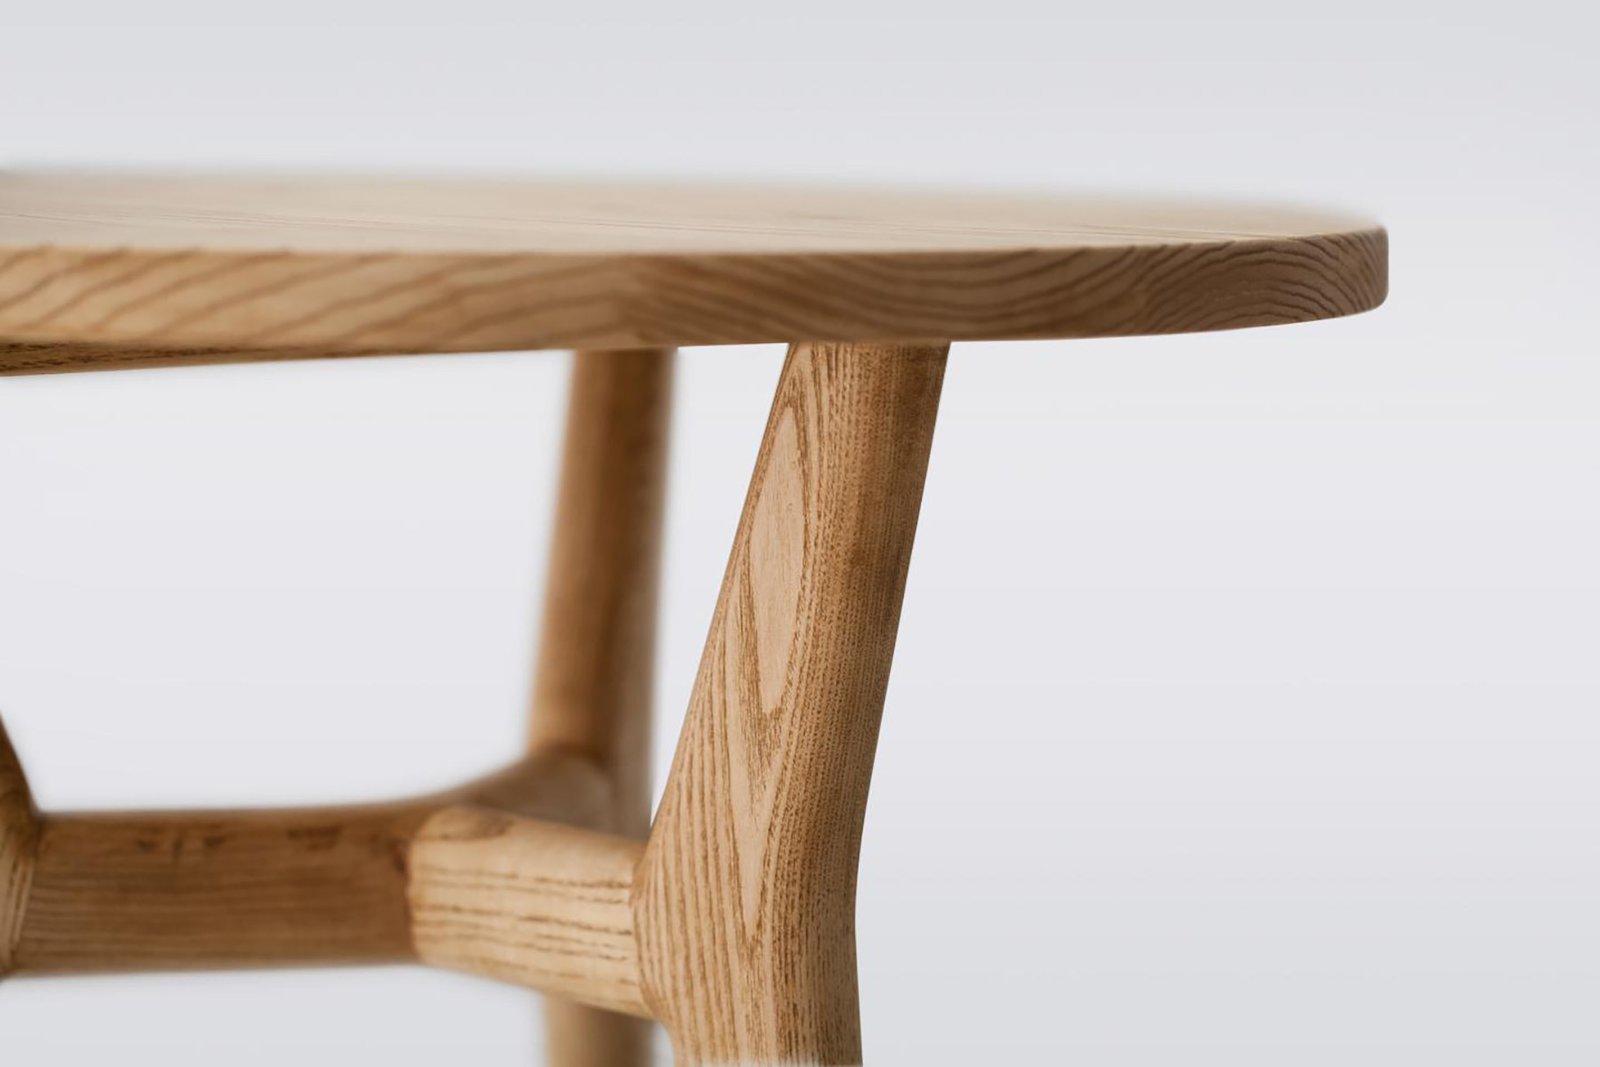 Fnji Furniture - Photo 6 of 6